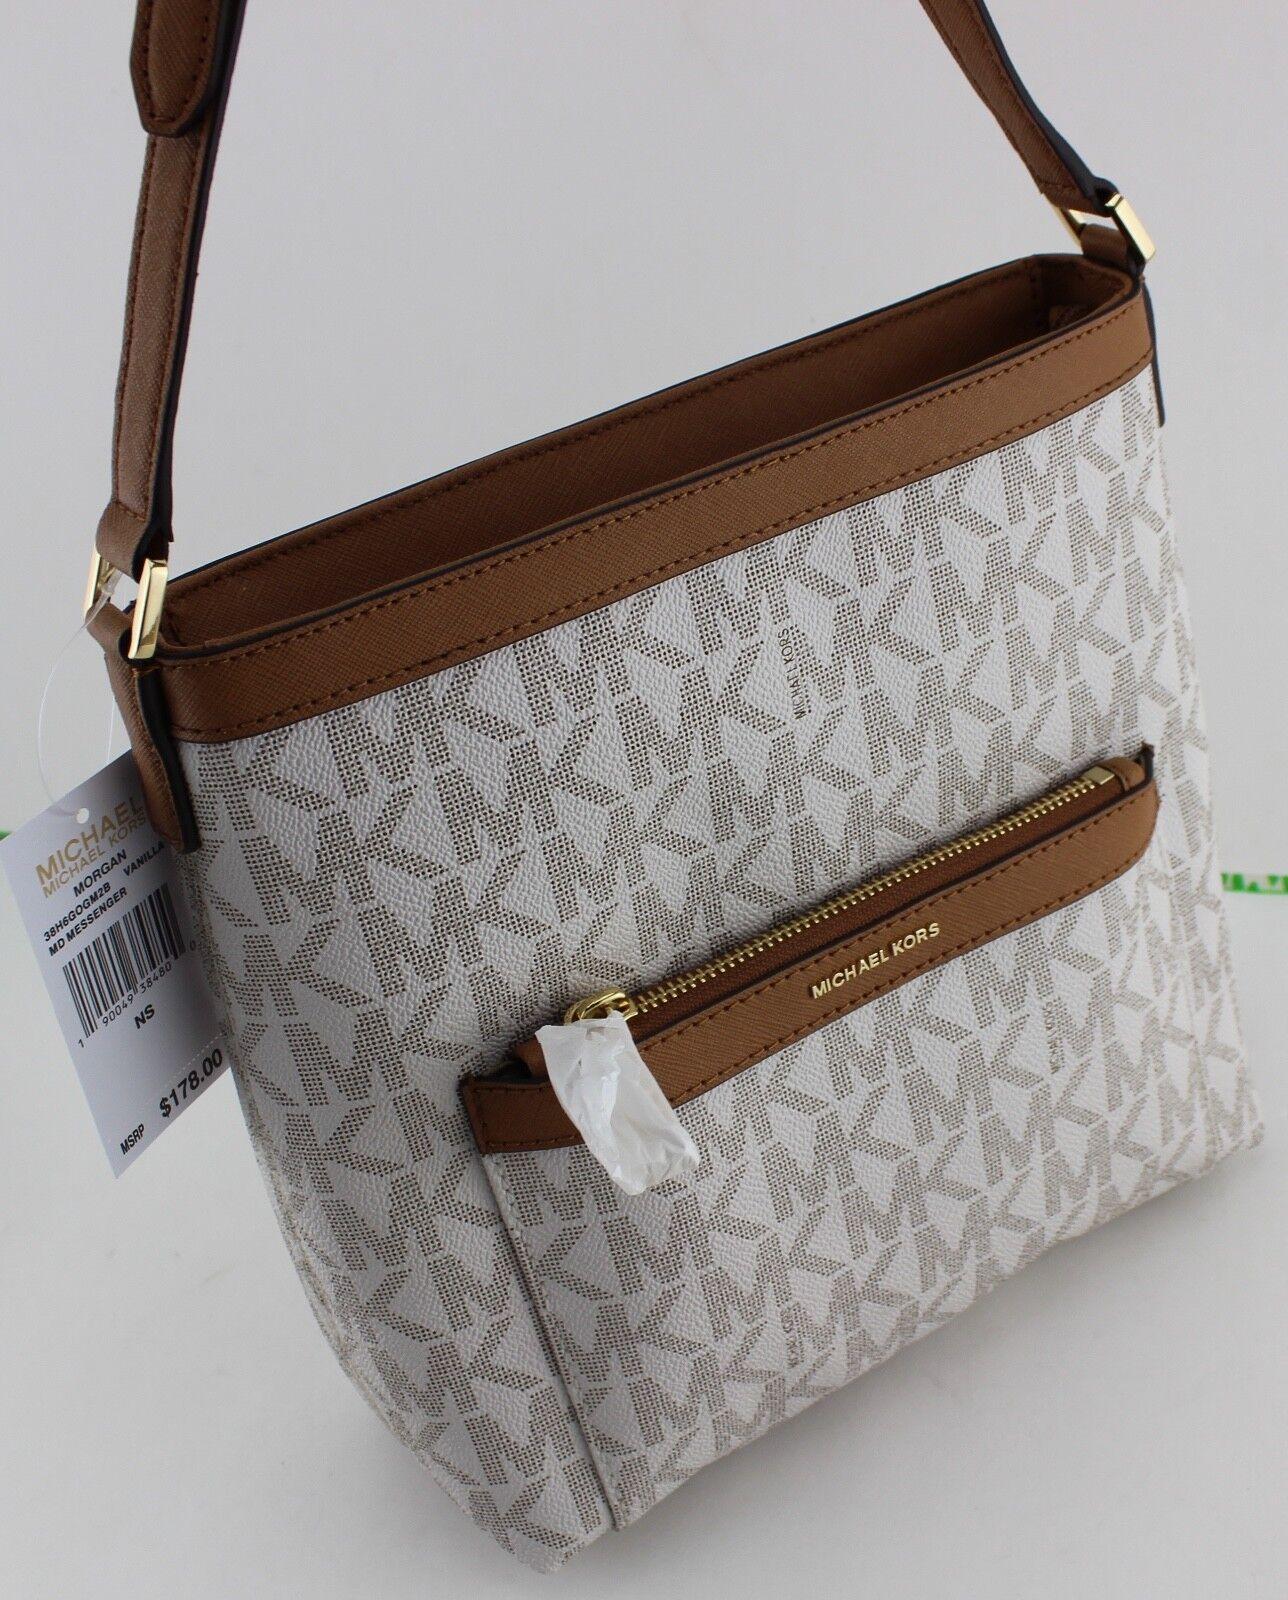 d28b4127bcfa89 Michael Kors Morgan Vanilla Signature Crossbody Messenger Bag ...